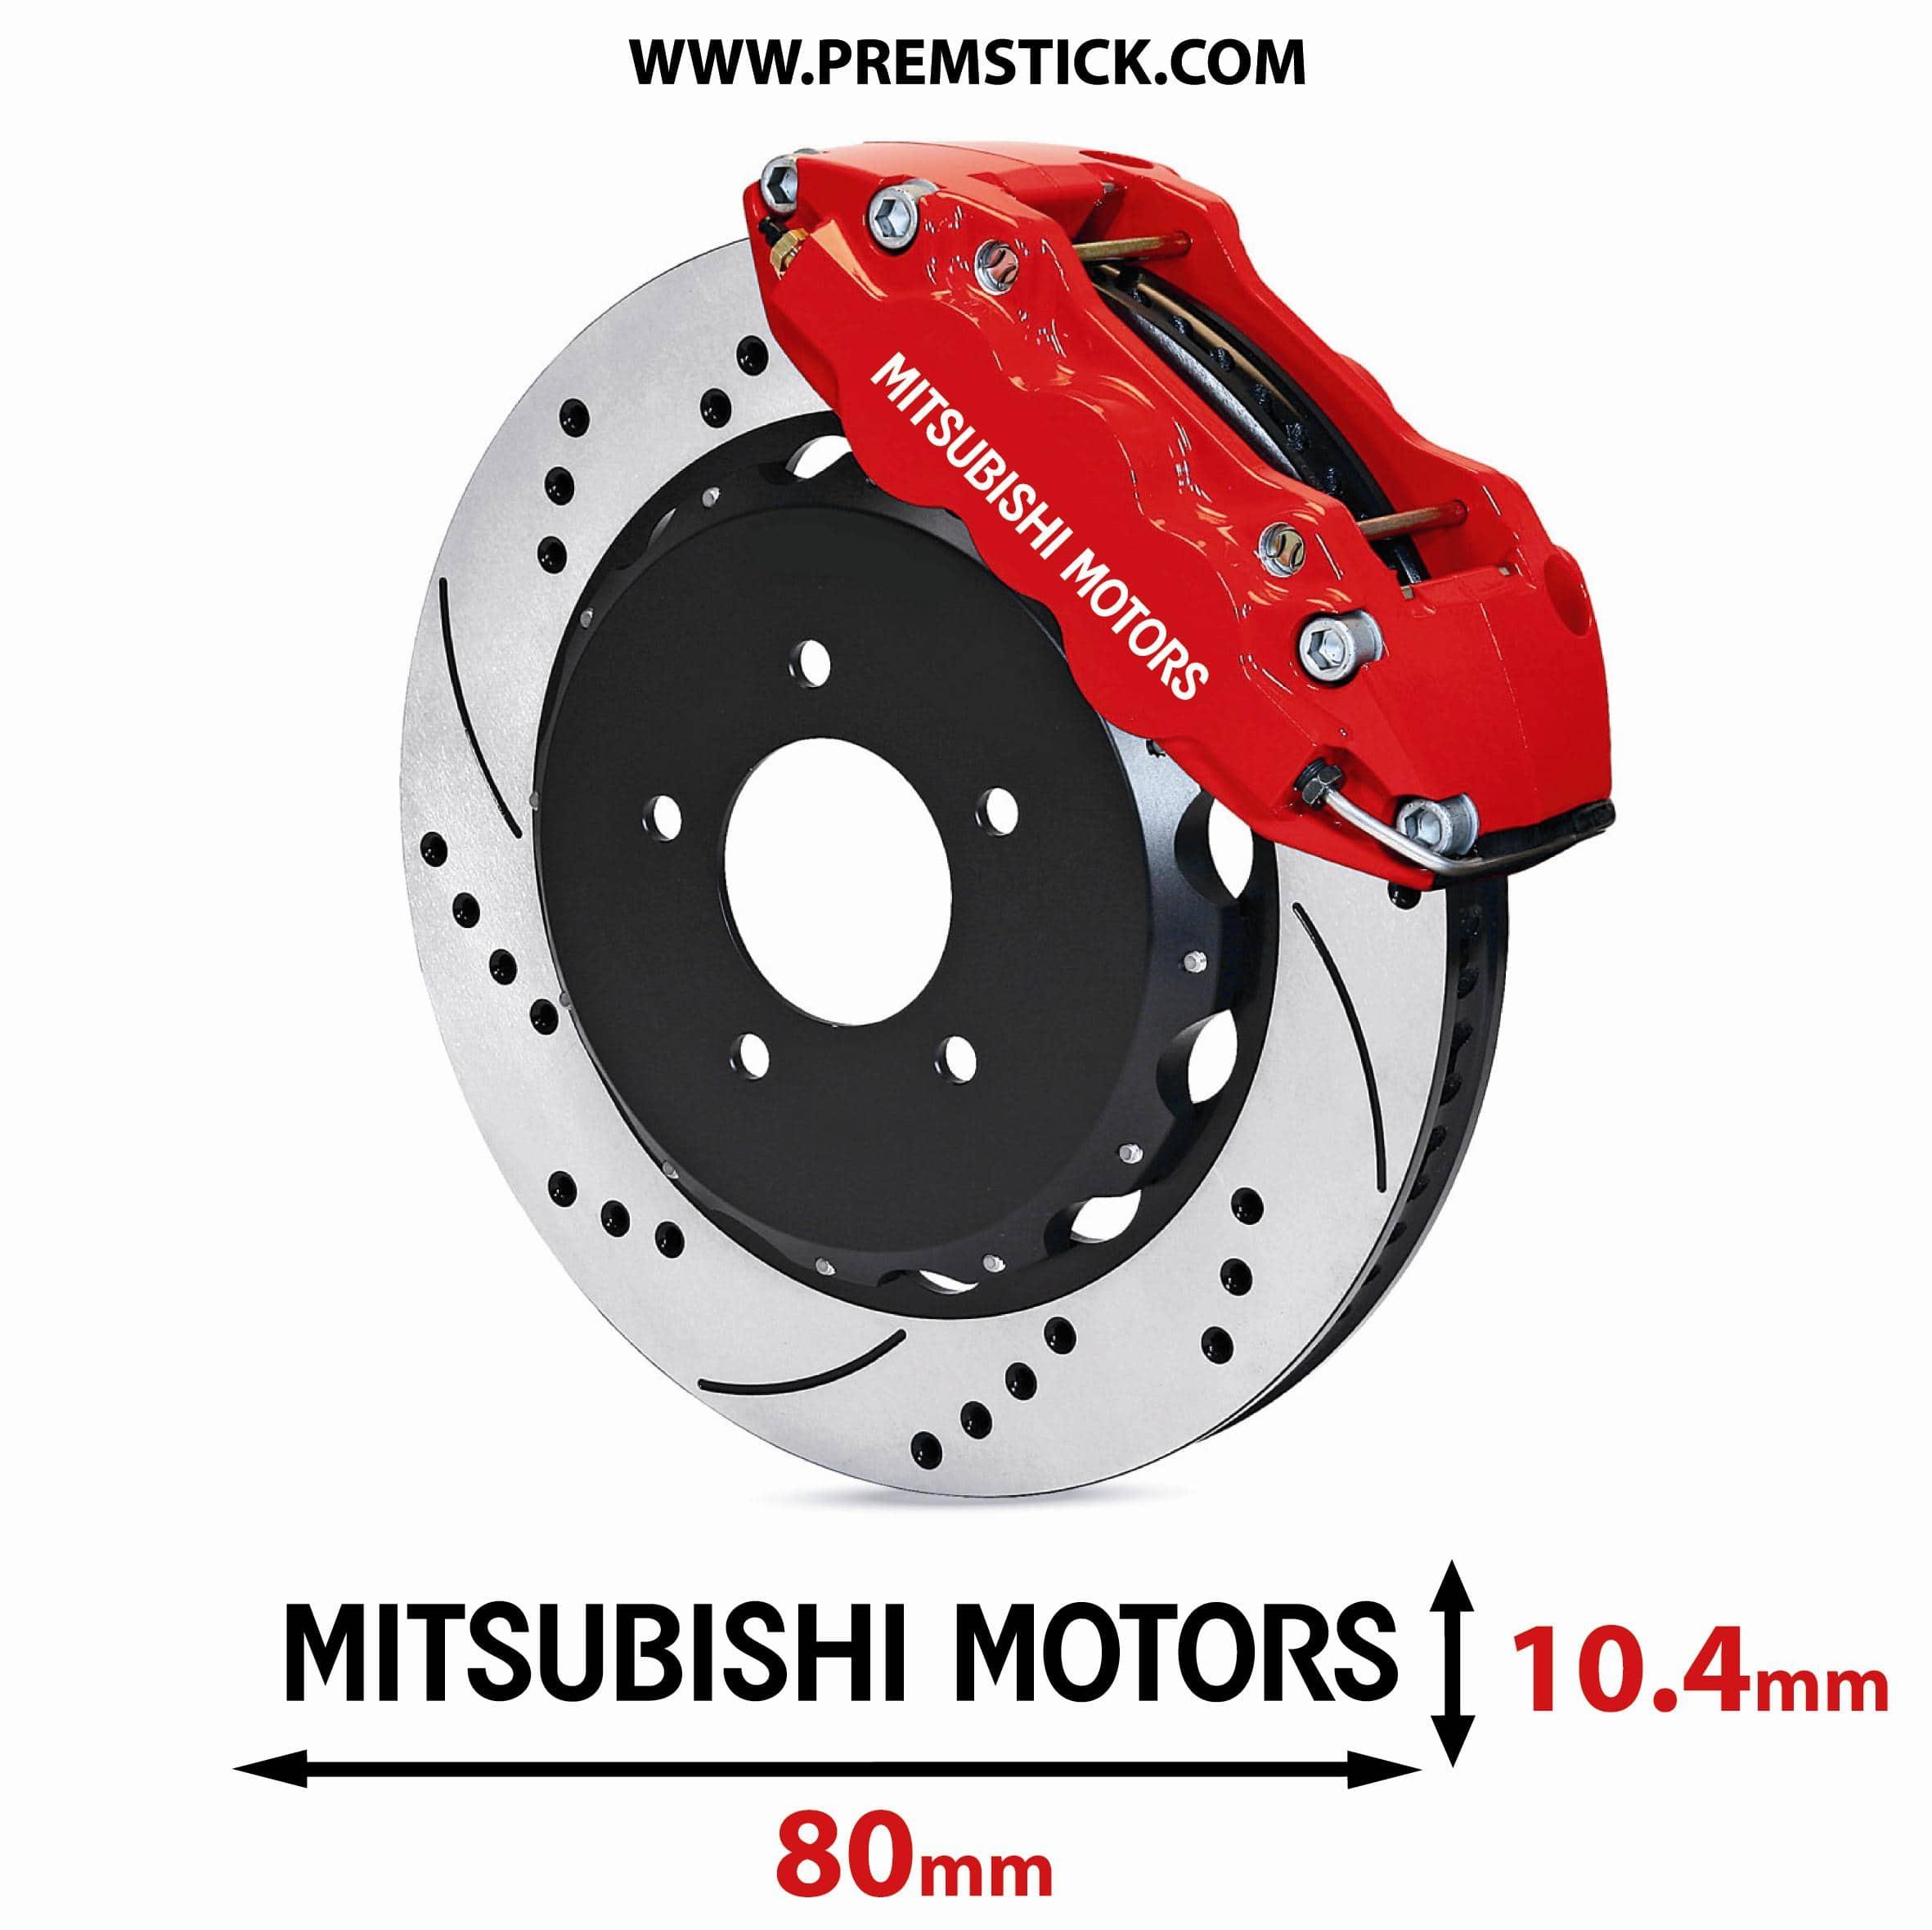 stickers-etrier-de-frein-mitsubishi-motors-ref2-autocollant-etriers-freins-logo-voiture-sticker-adhesif-auto-car-disque-plaquette-pneu-jantes-racing-tuning-sponsors-sport-min